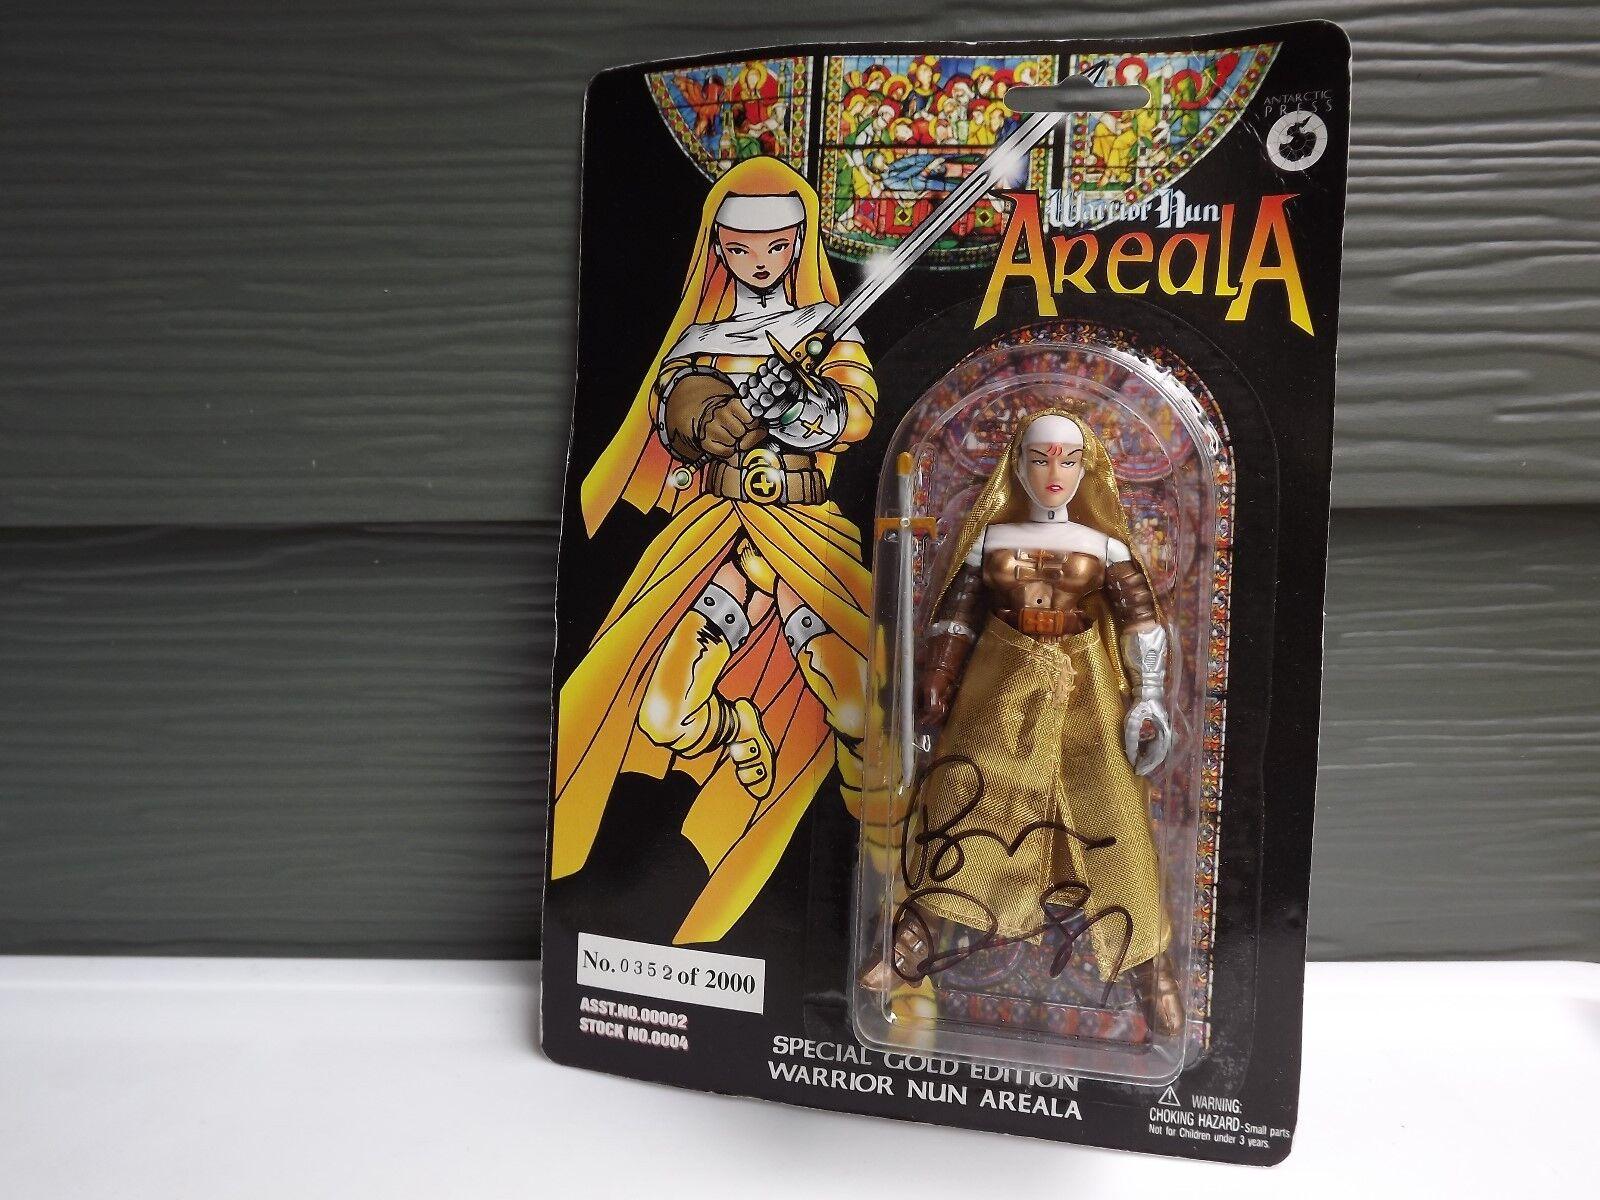 Besondere Gold edition krieger nonne areala actionfigur w   brief von vp unterzeichnet.